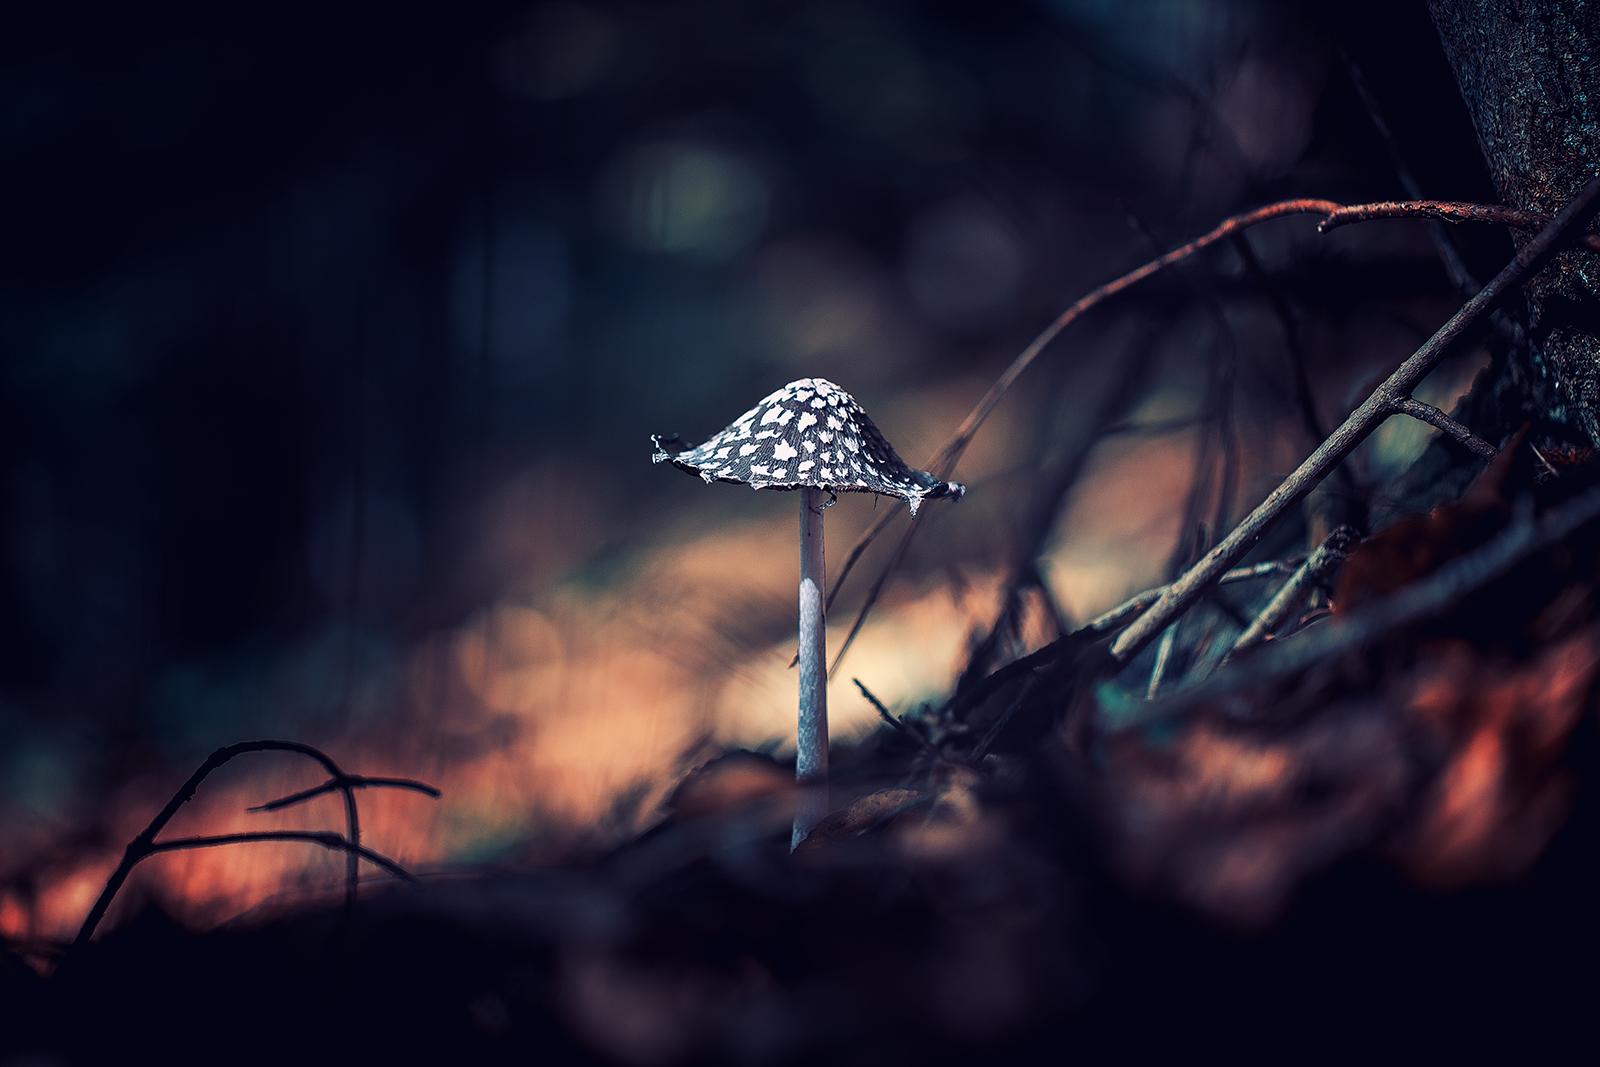 Пъстра копринка (Coprinopsis picacea)   Author Georgi Georgiev - zeromx   PHOTO FORUM